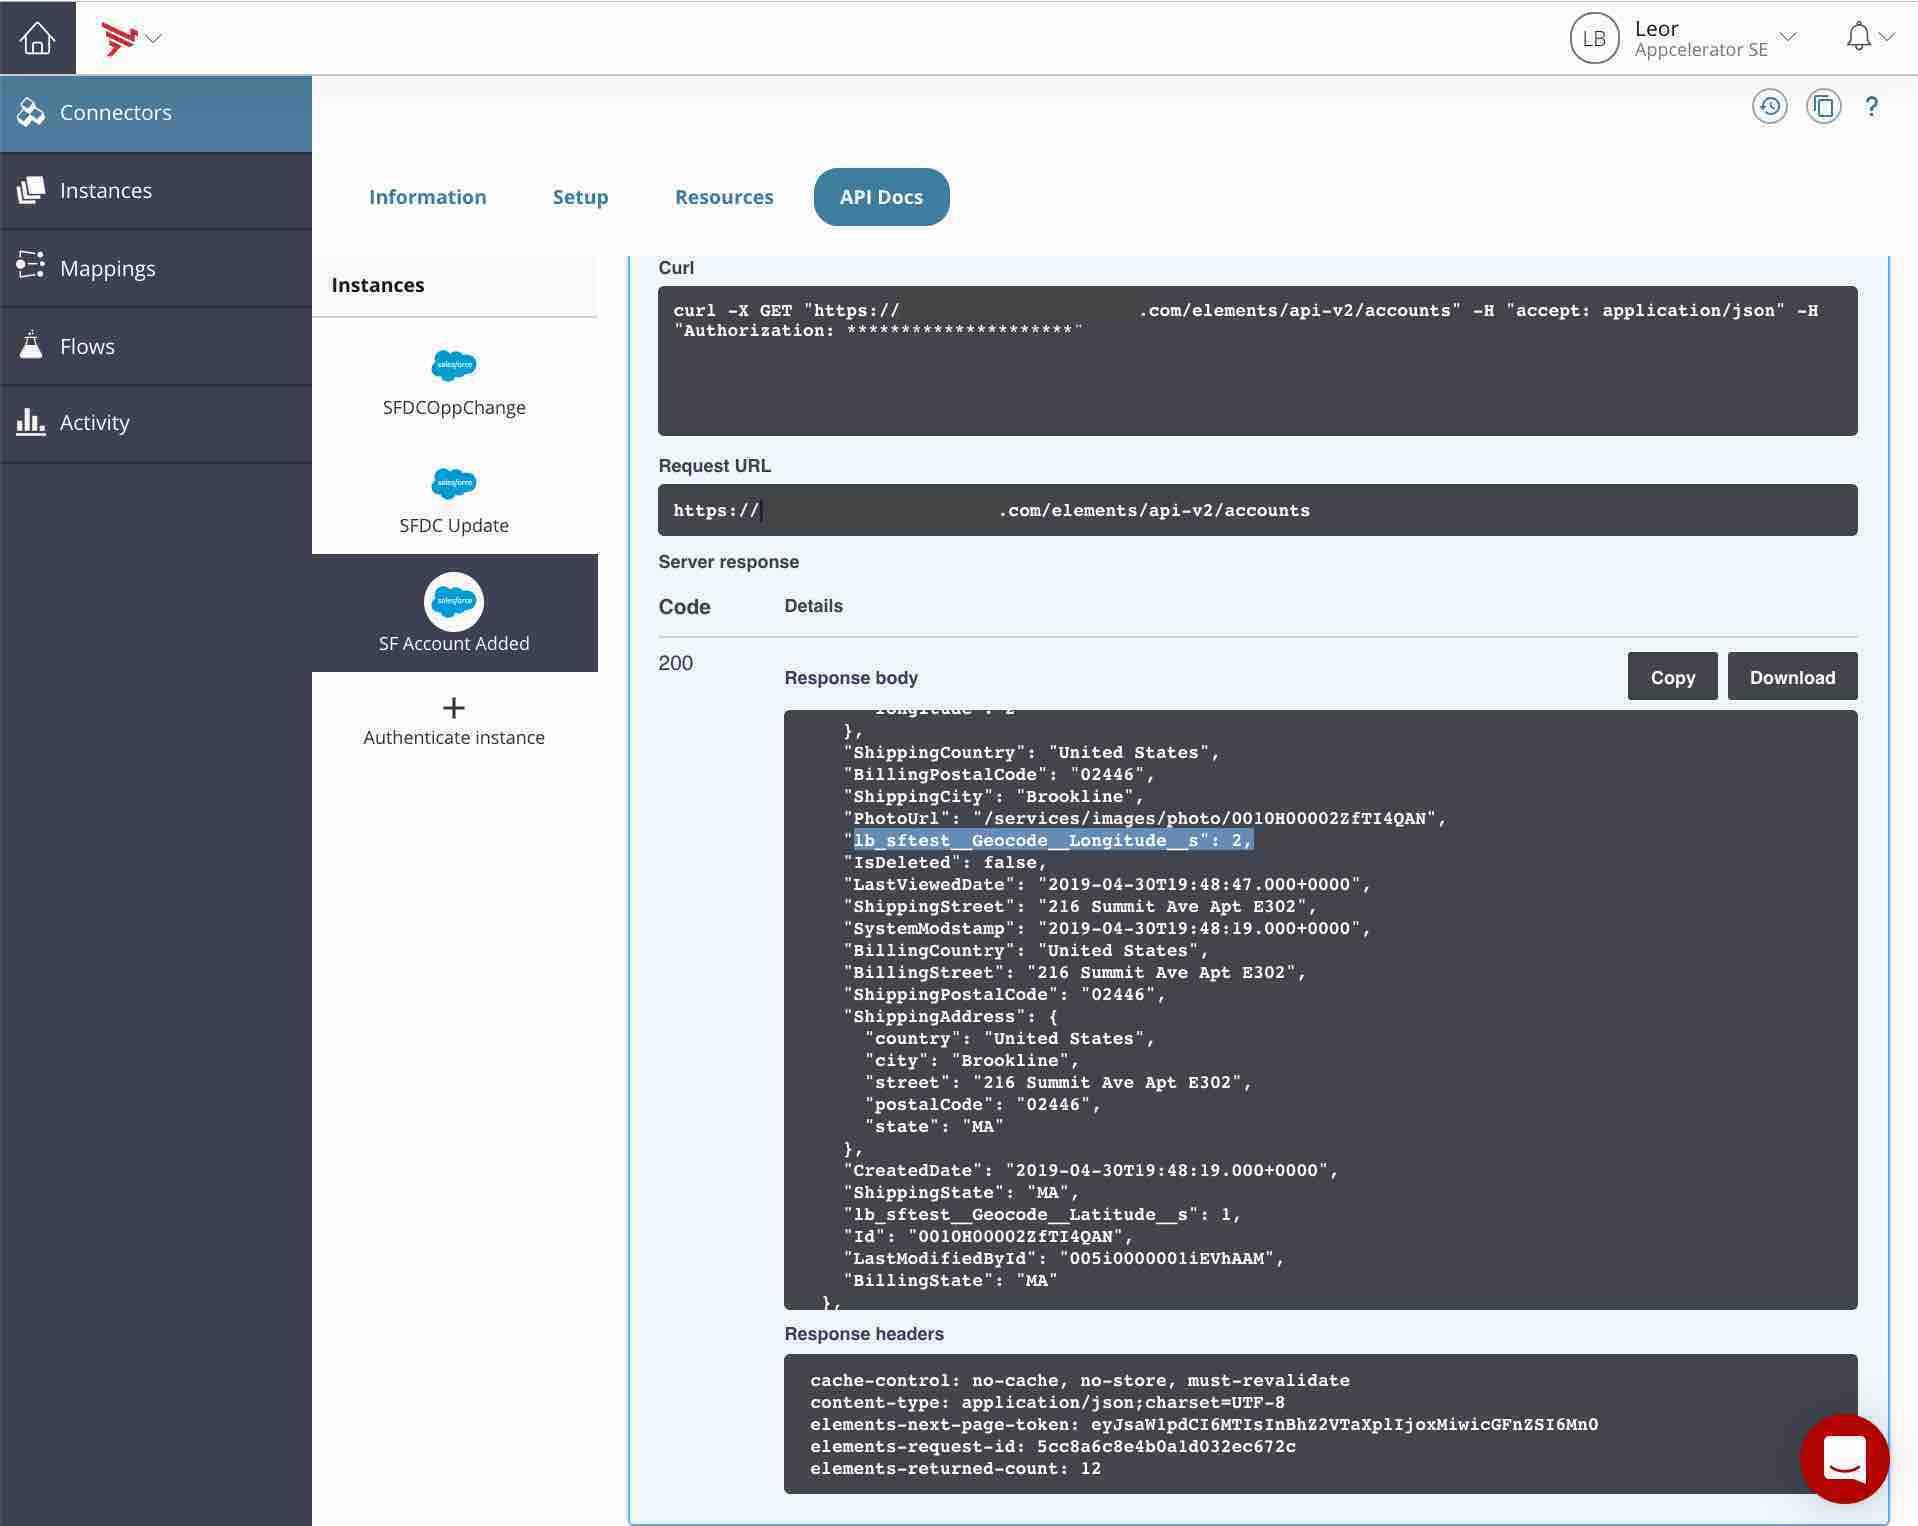 Connectors - API Docs